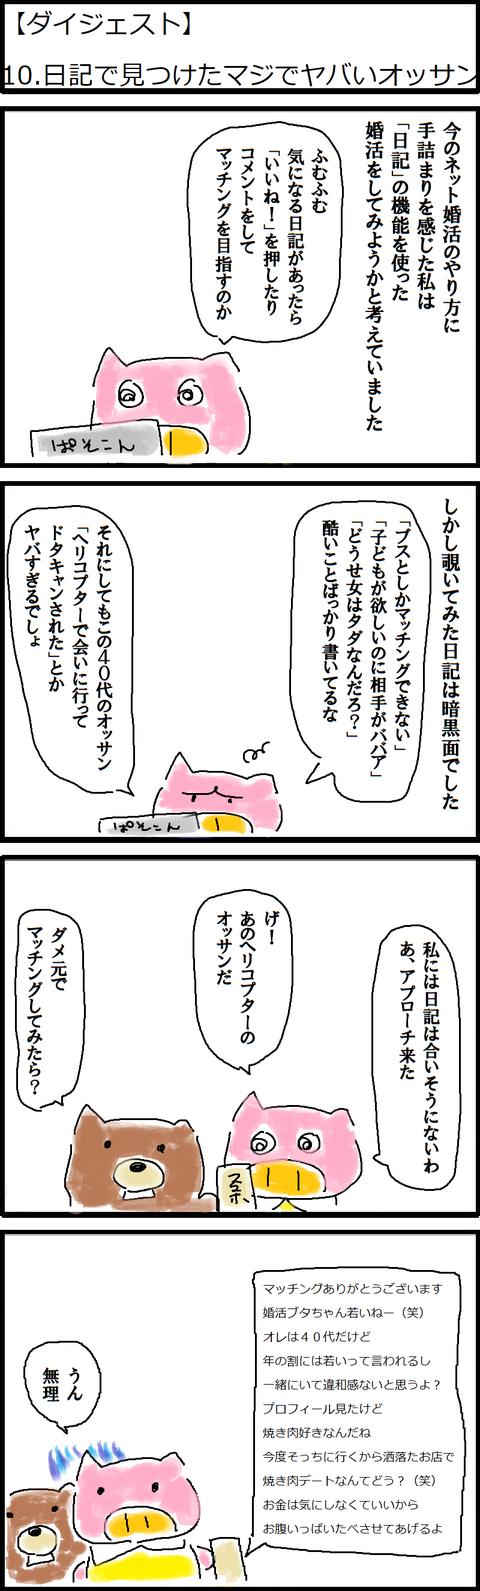 【ダイジェスト】10.日記で見つけたマジでヤバいオッサン